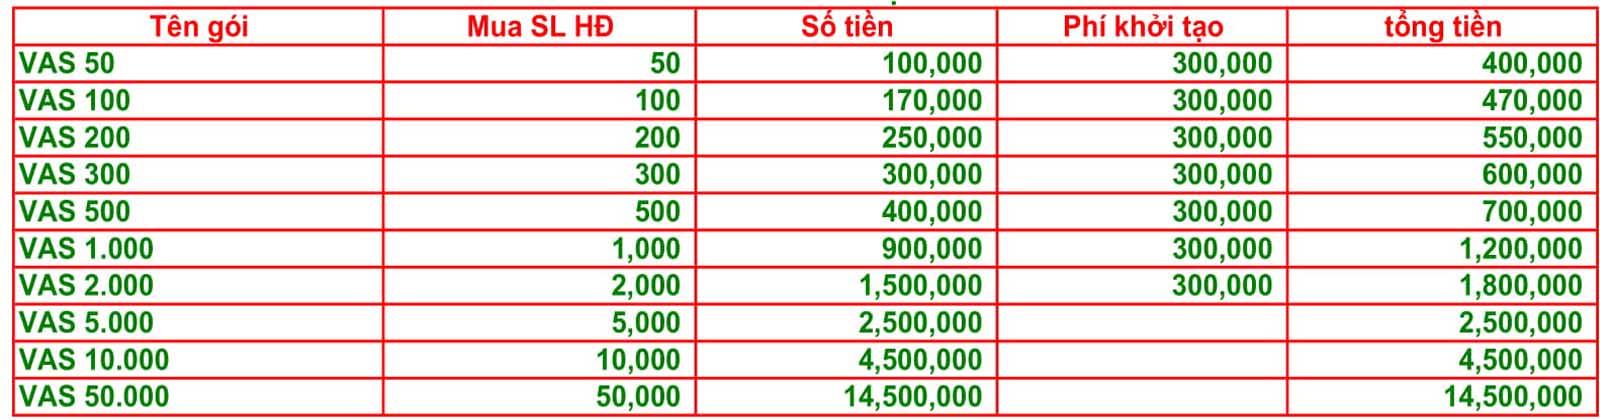 Báo giá hóa đơn điện tử ViNa